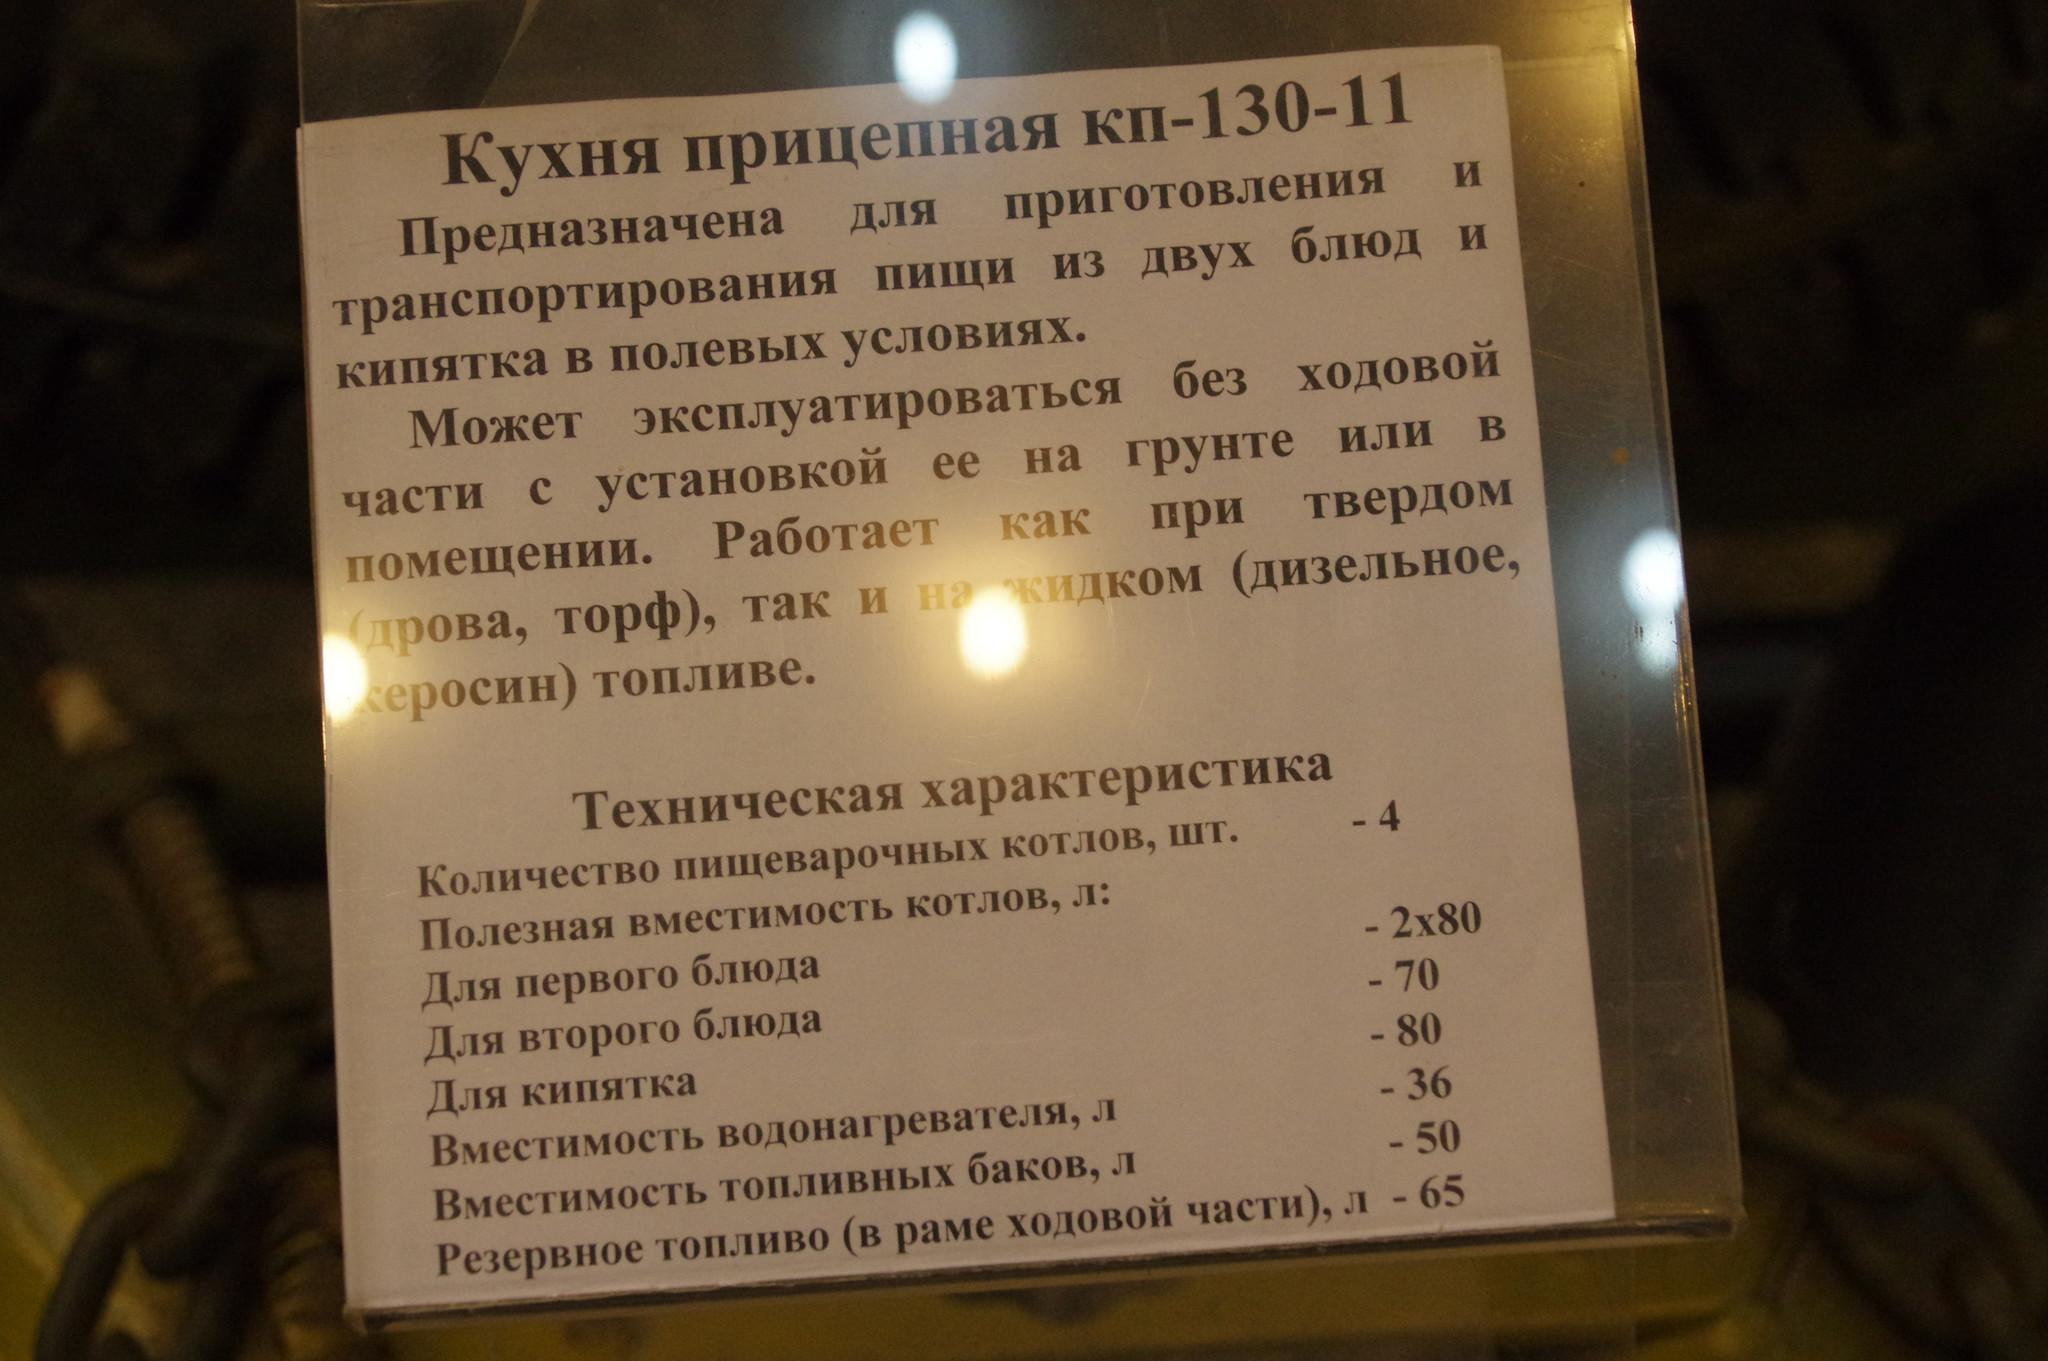 Кухня прицепная КП-130-11